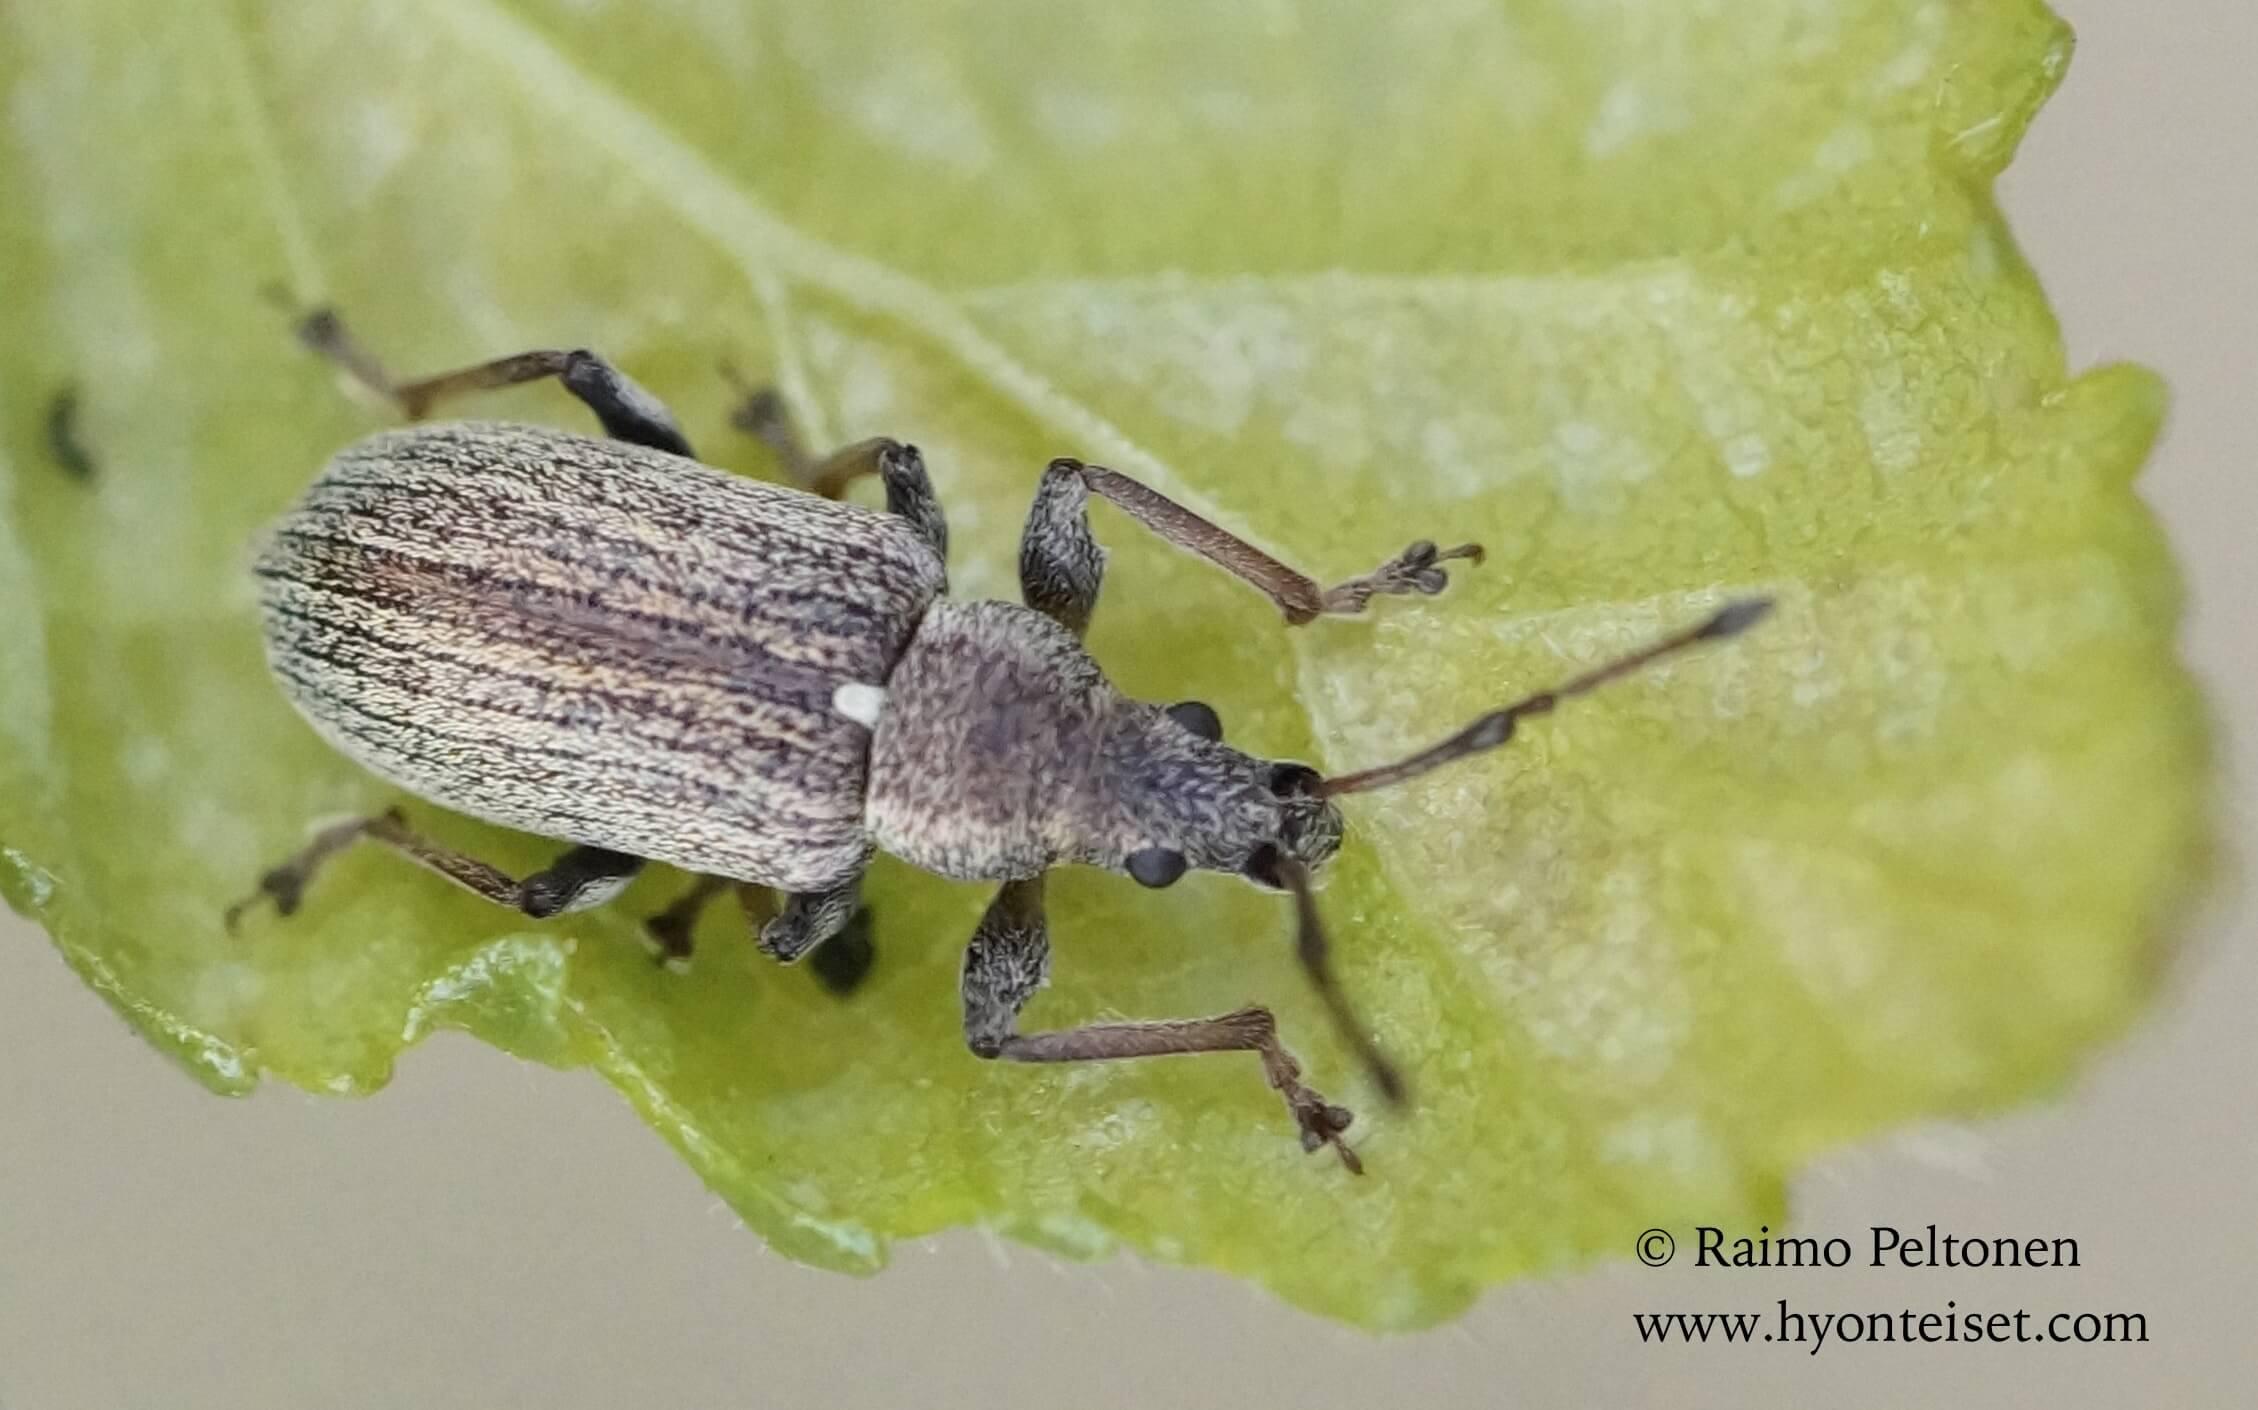 Phyllobius pyri-omenalehtikärsäkäs (det. Tapio Kujala)